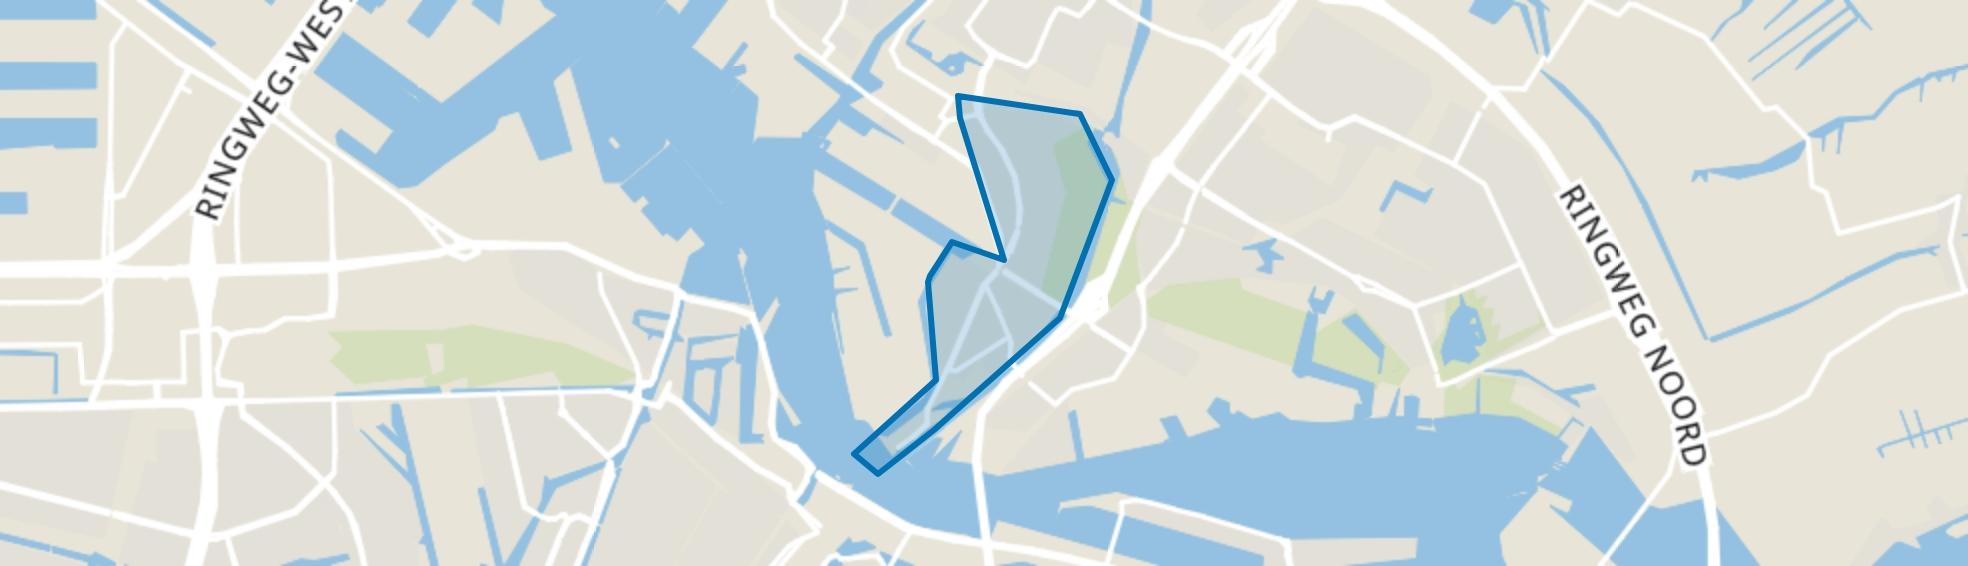 Volewijck, Amsterdam map